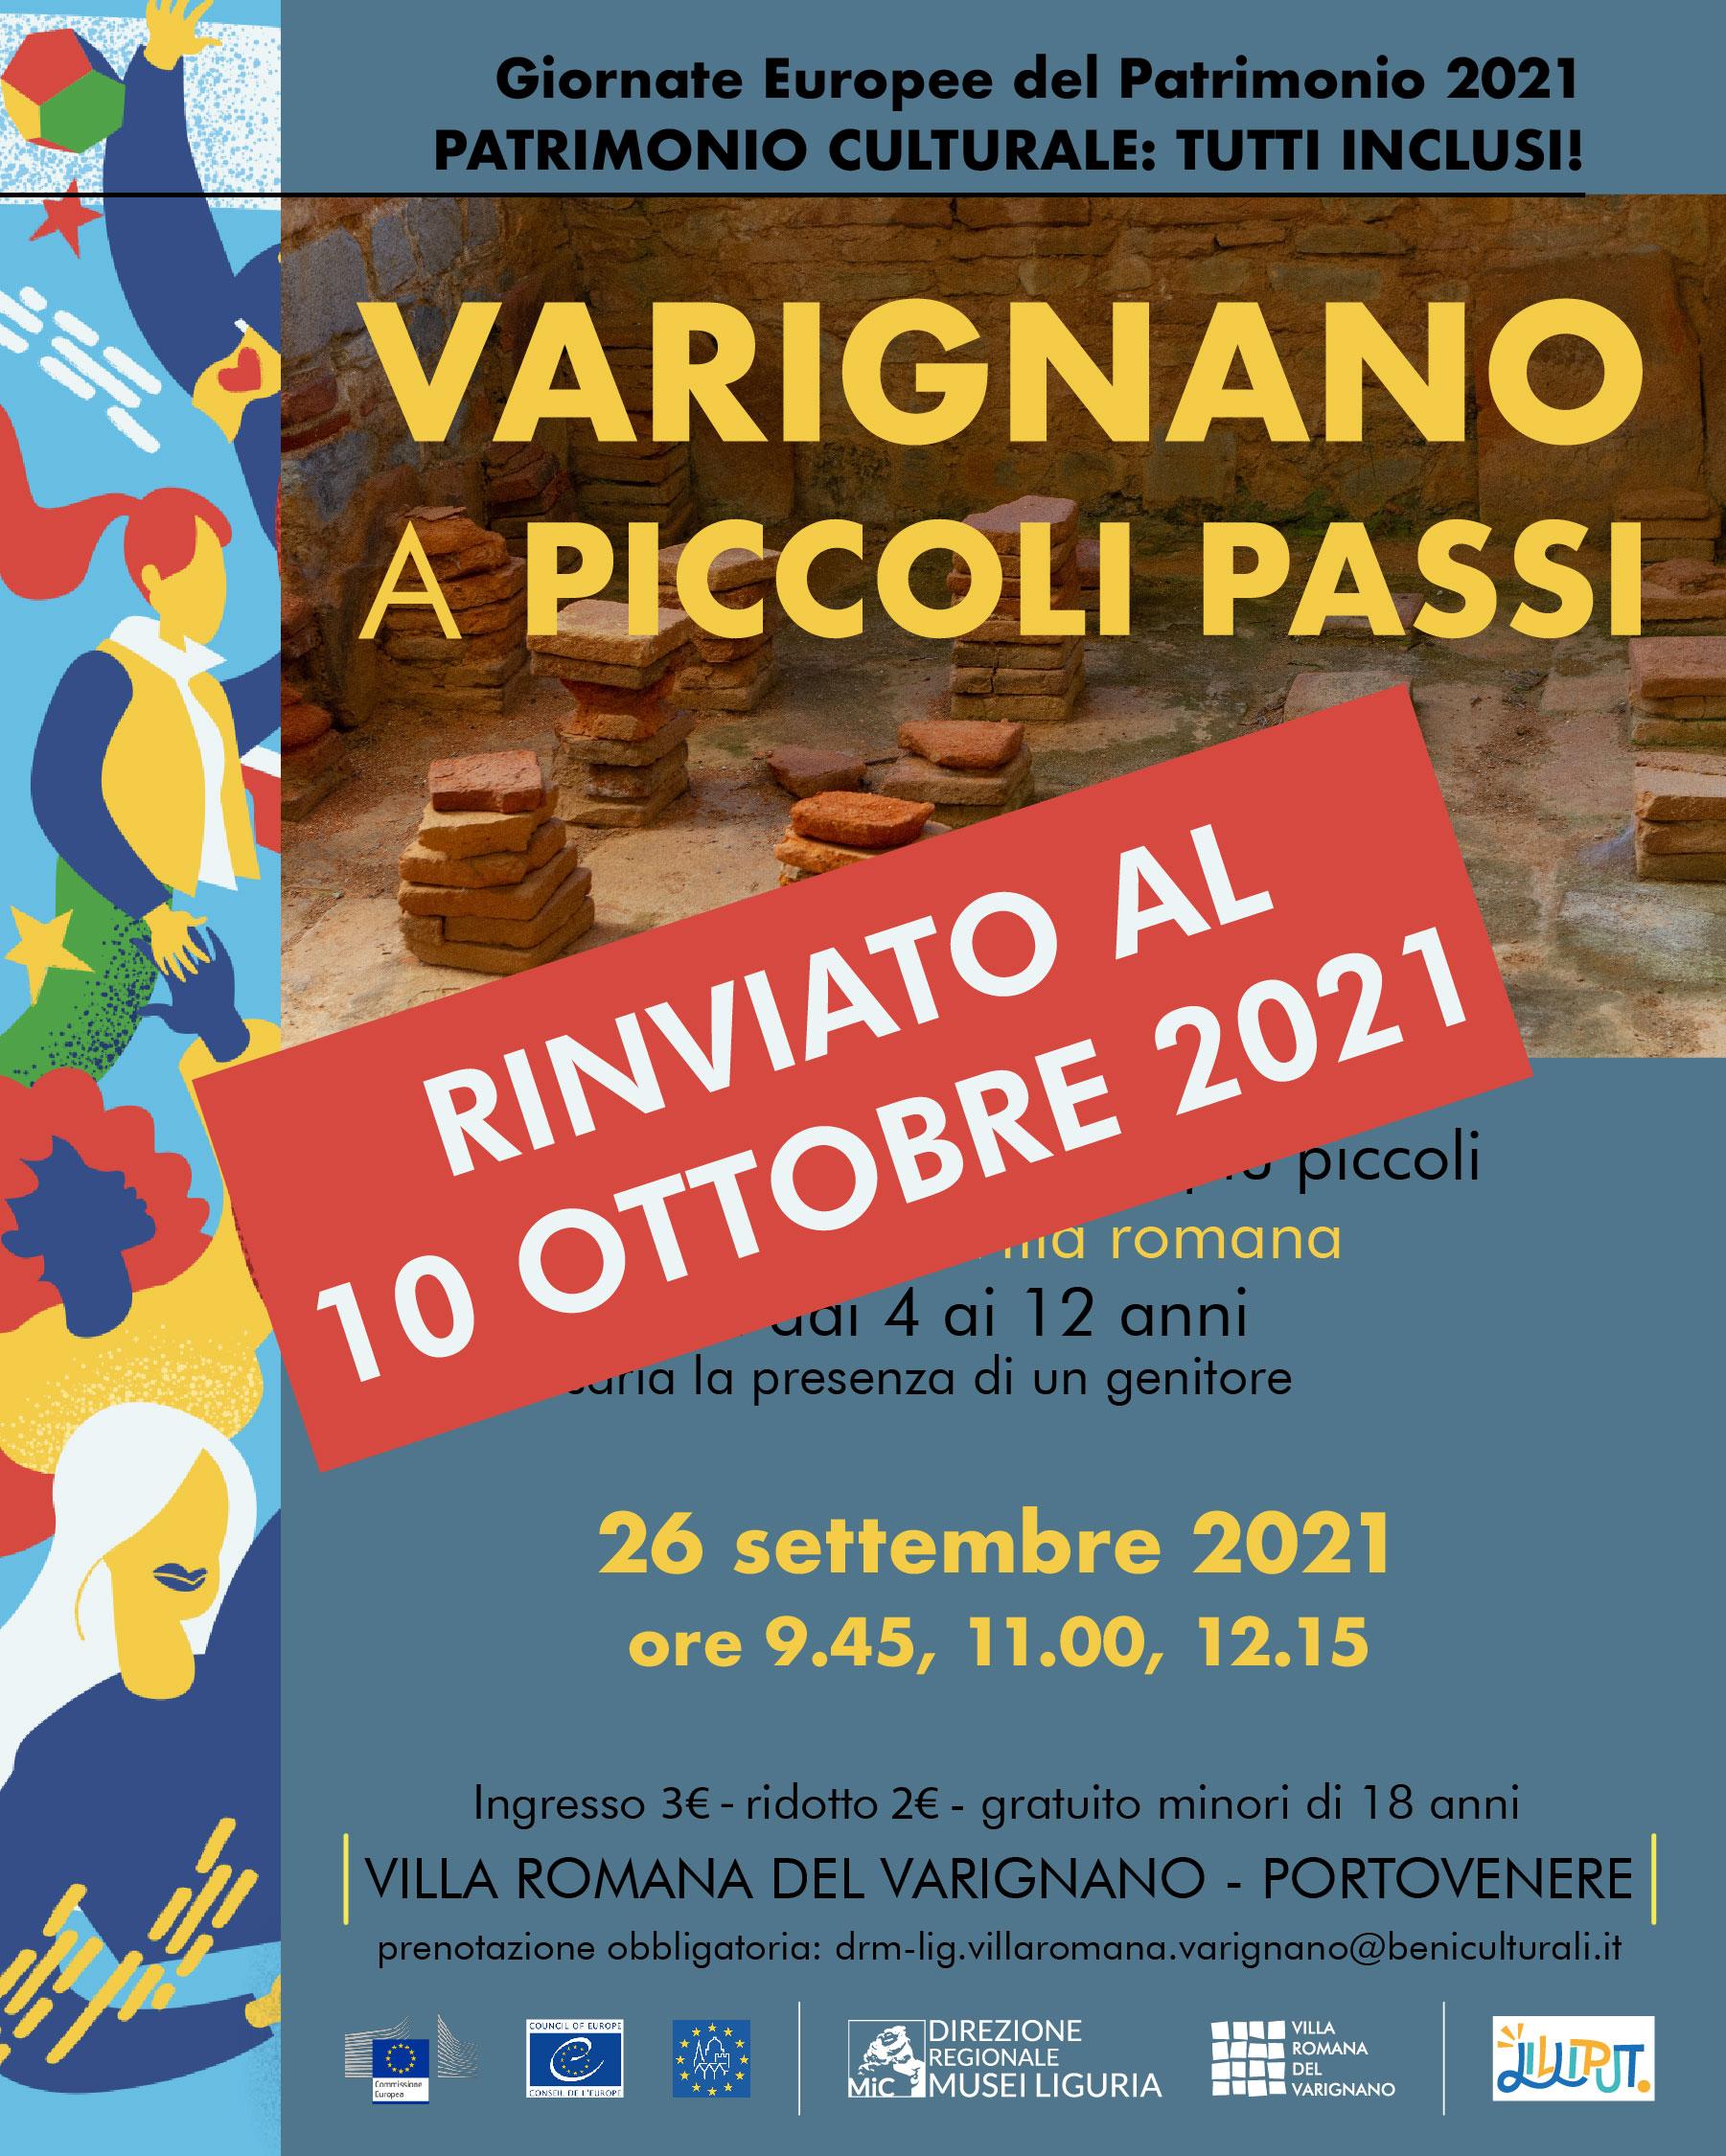 Scopriamo la Villa romana del Varignano... a piccoli passi